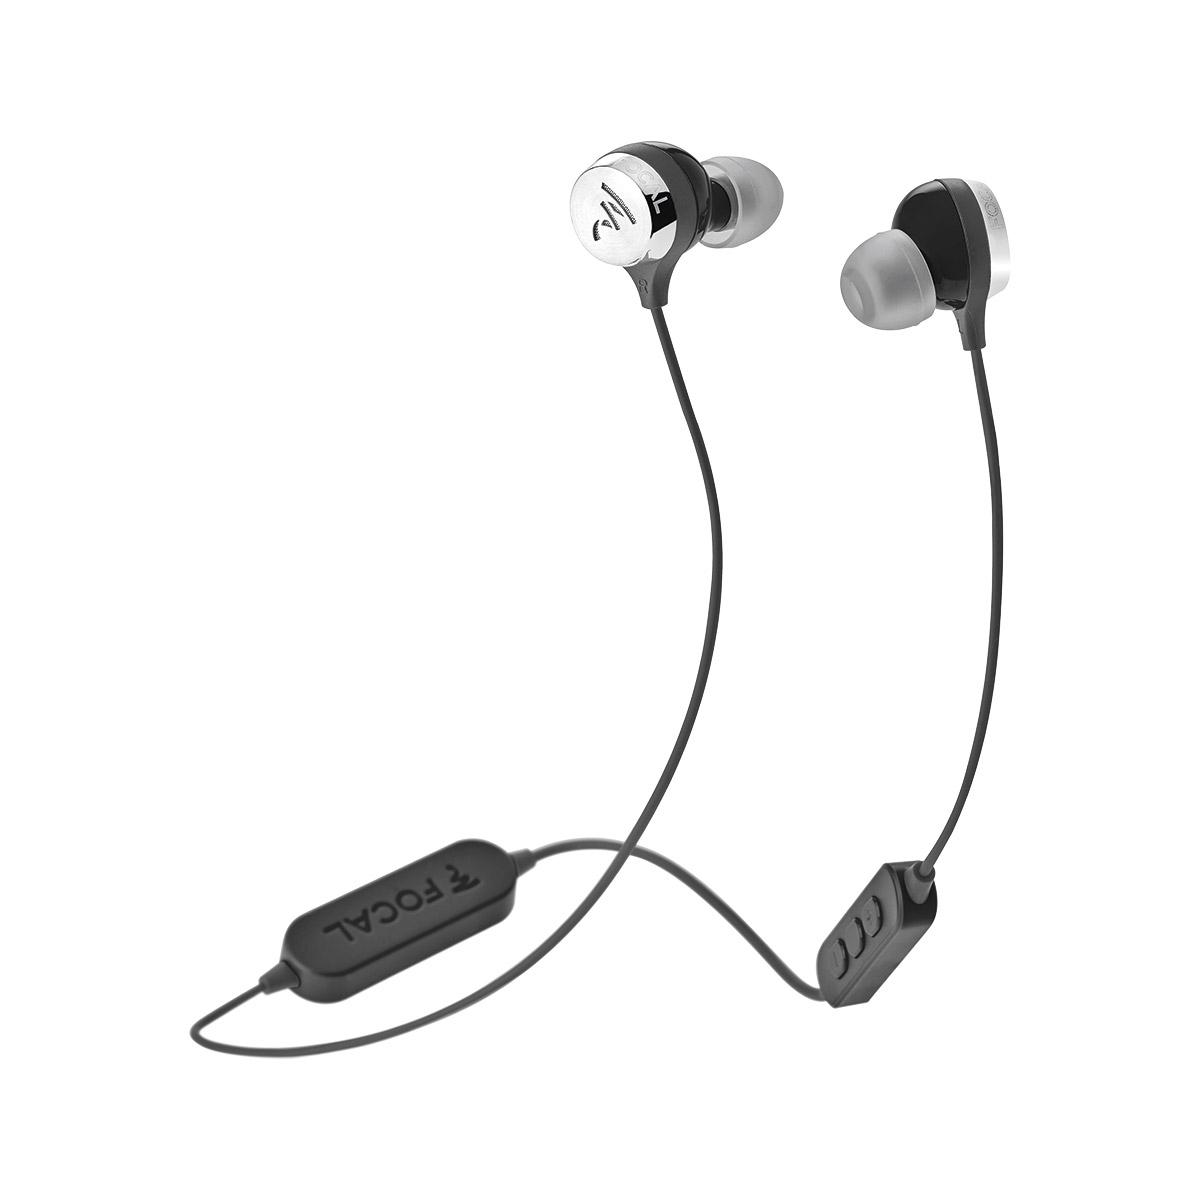 Sphear Wireless Black